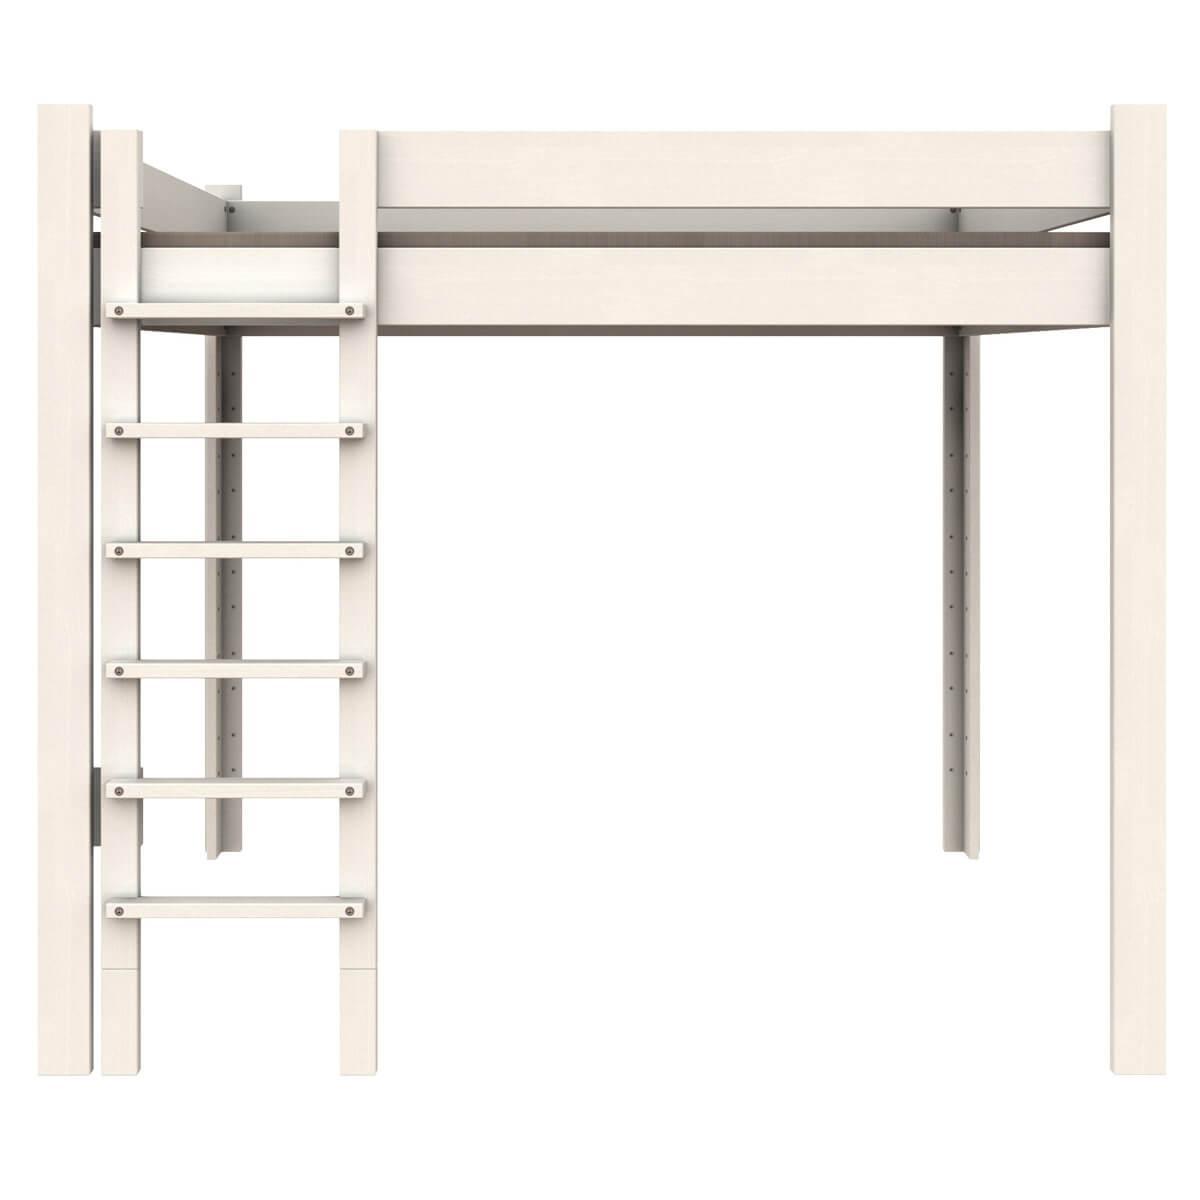 Lit mezzanine 140x200cm échelle frontal DESTYLE de Breuyn hêtre blanc